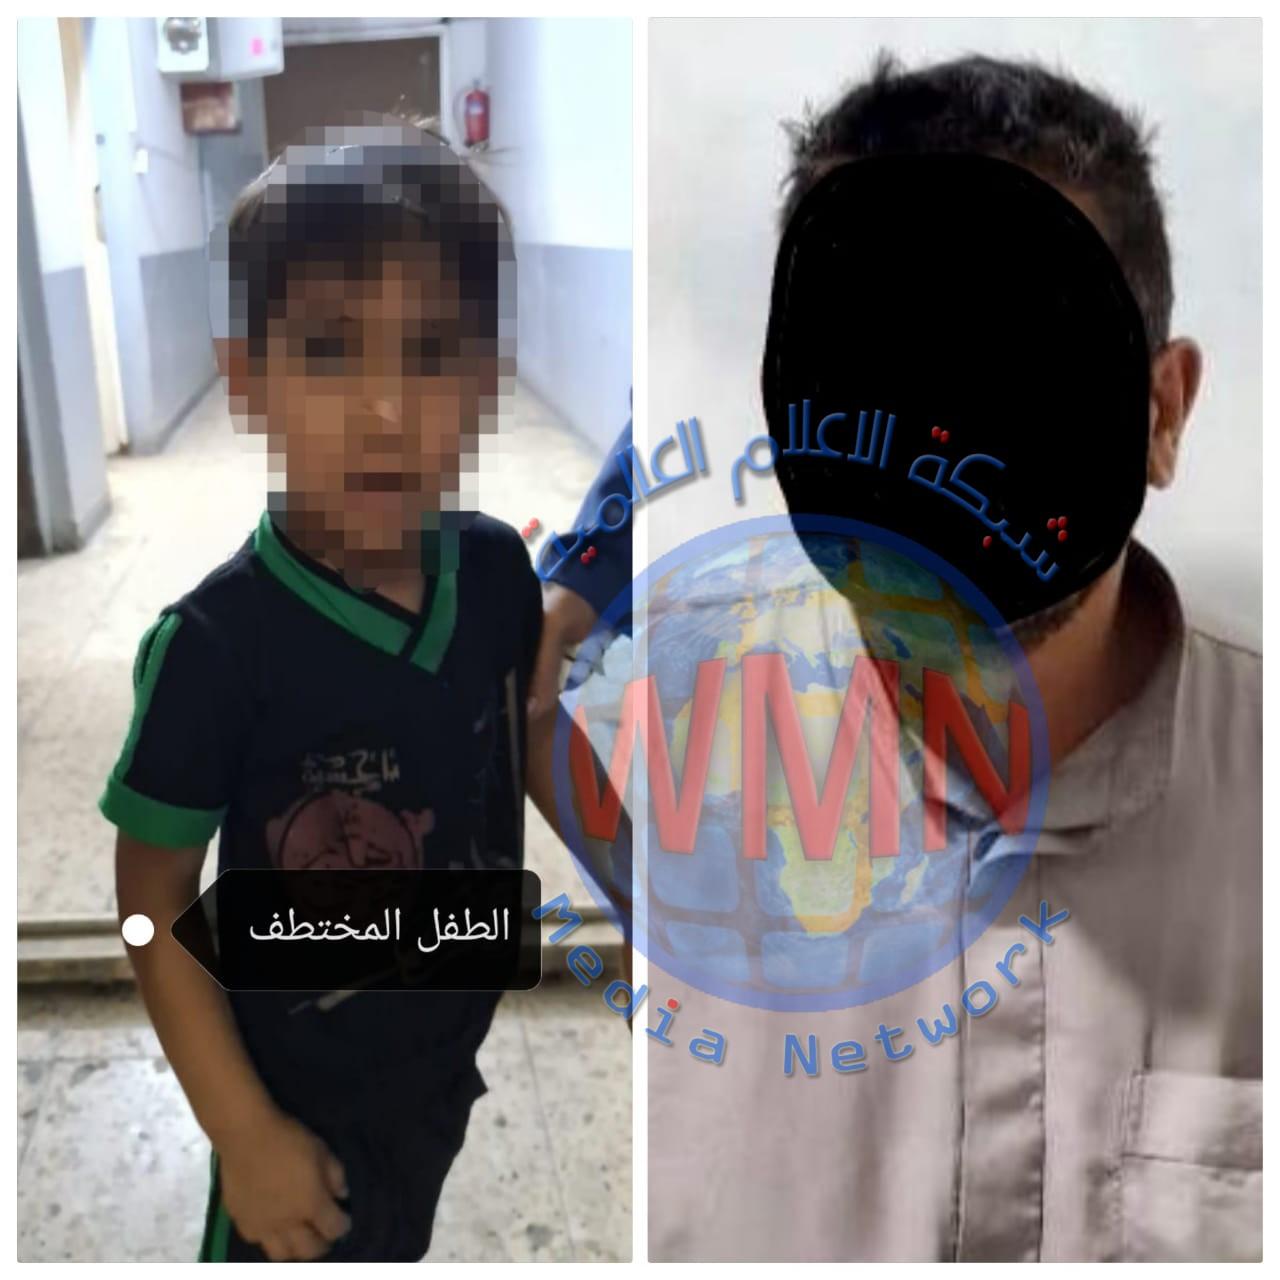 وكالة الاستخبارات تحرر طفل مخطوف وتلقي القبض على الخاطف شرقي بغداد